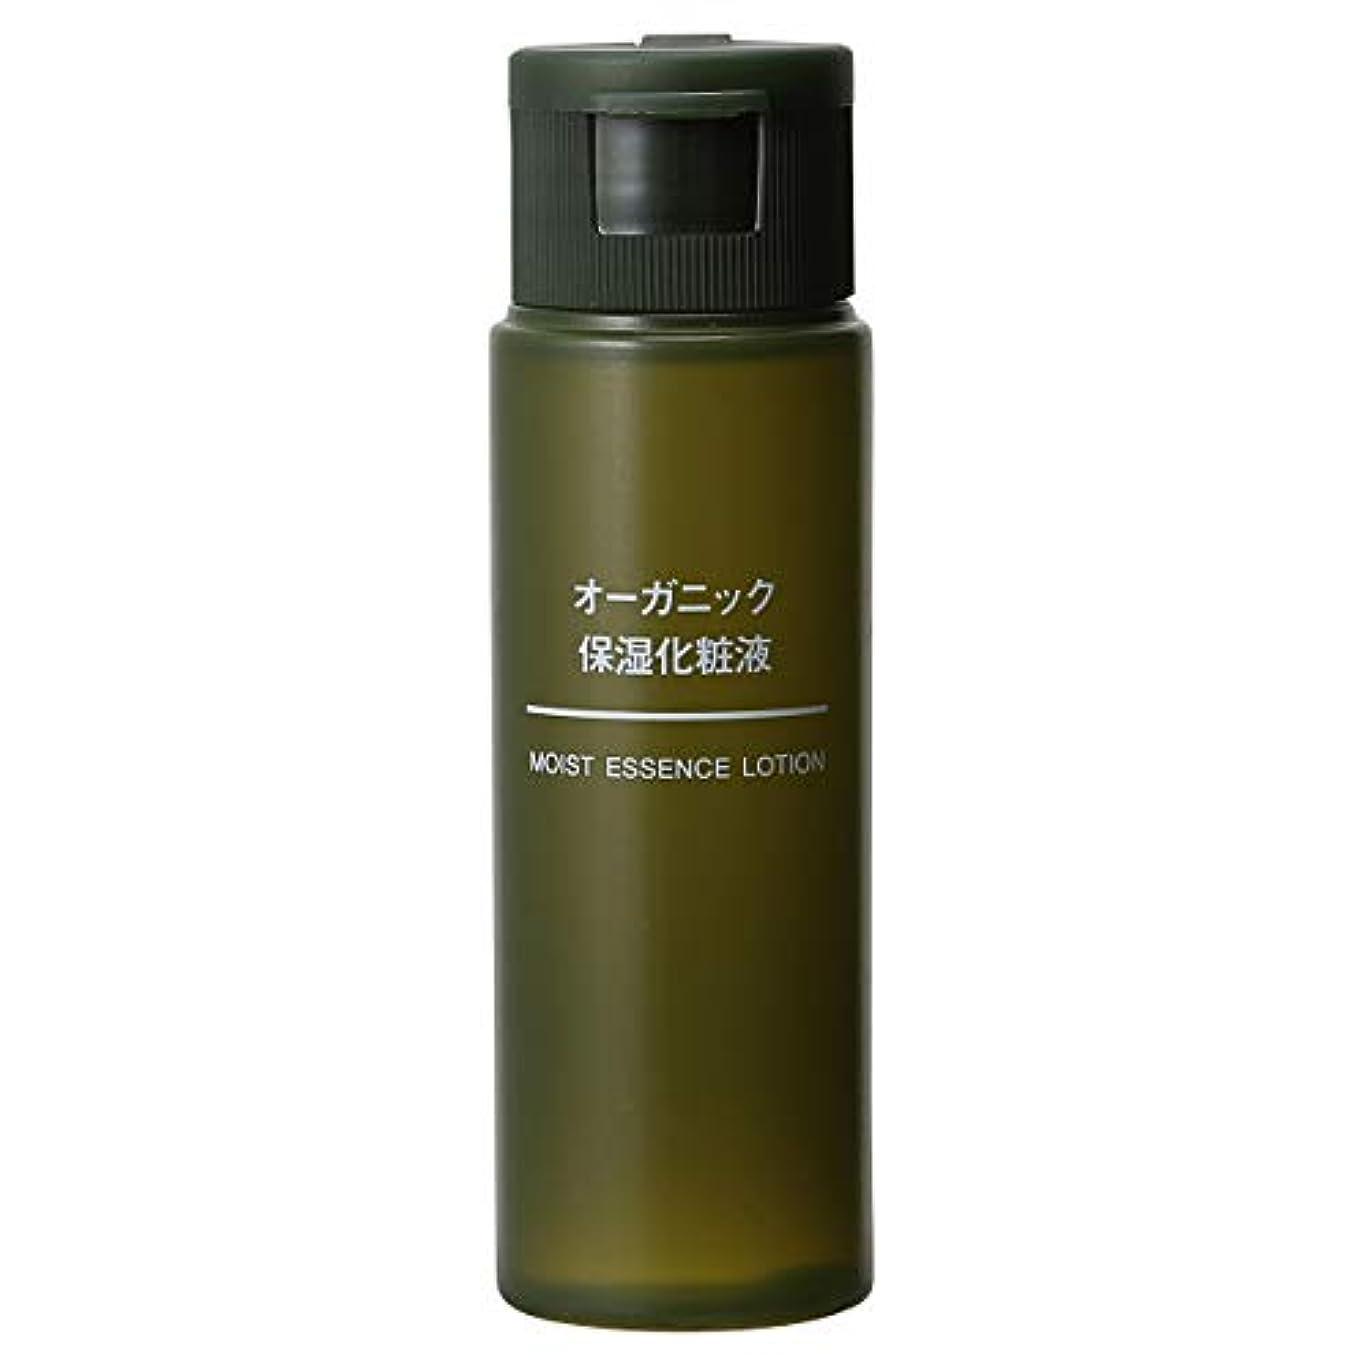 暴動突撃うまくいけば無印良品 オーガニック保湿化粧液(携帯用) 50ml